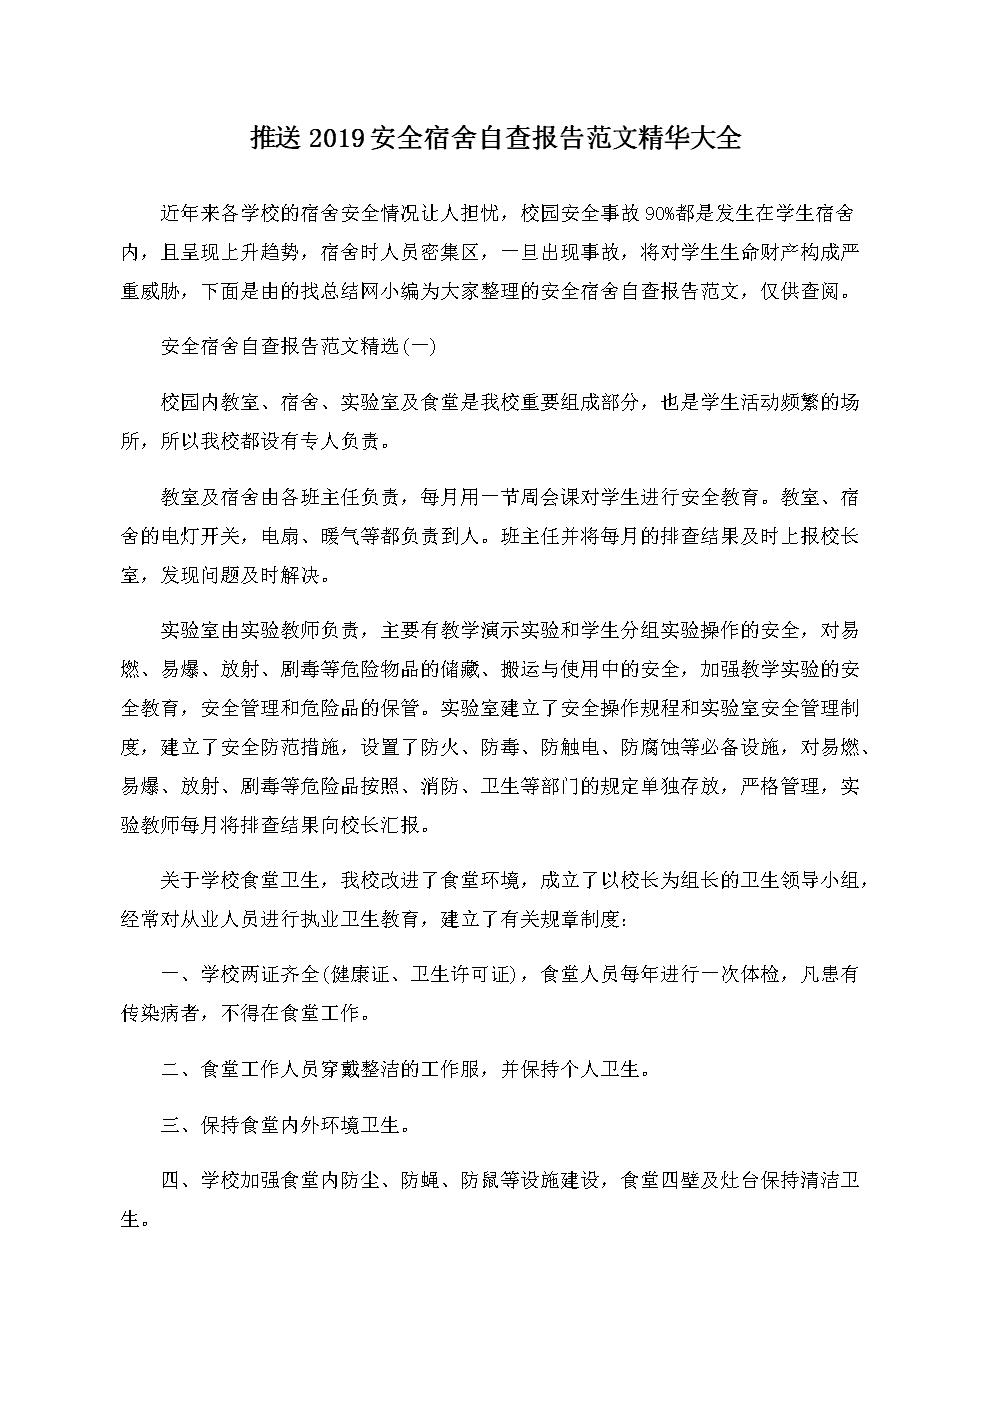 推送2019安全宿舍自查报告.docx